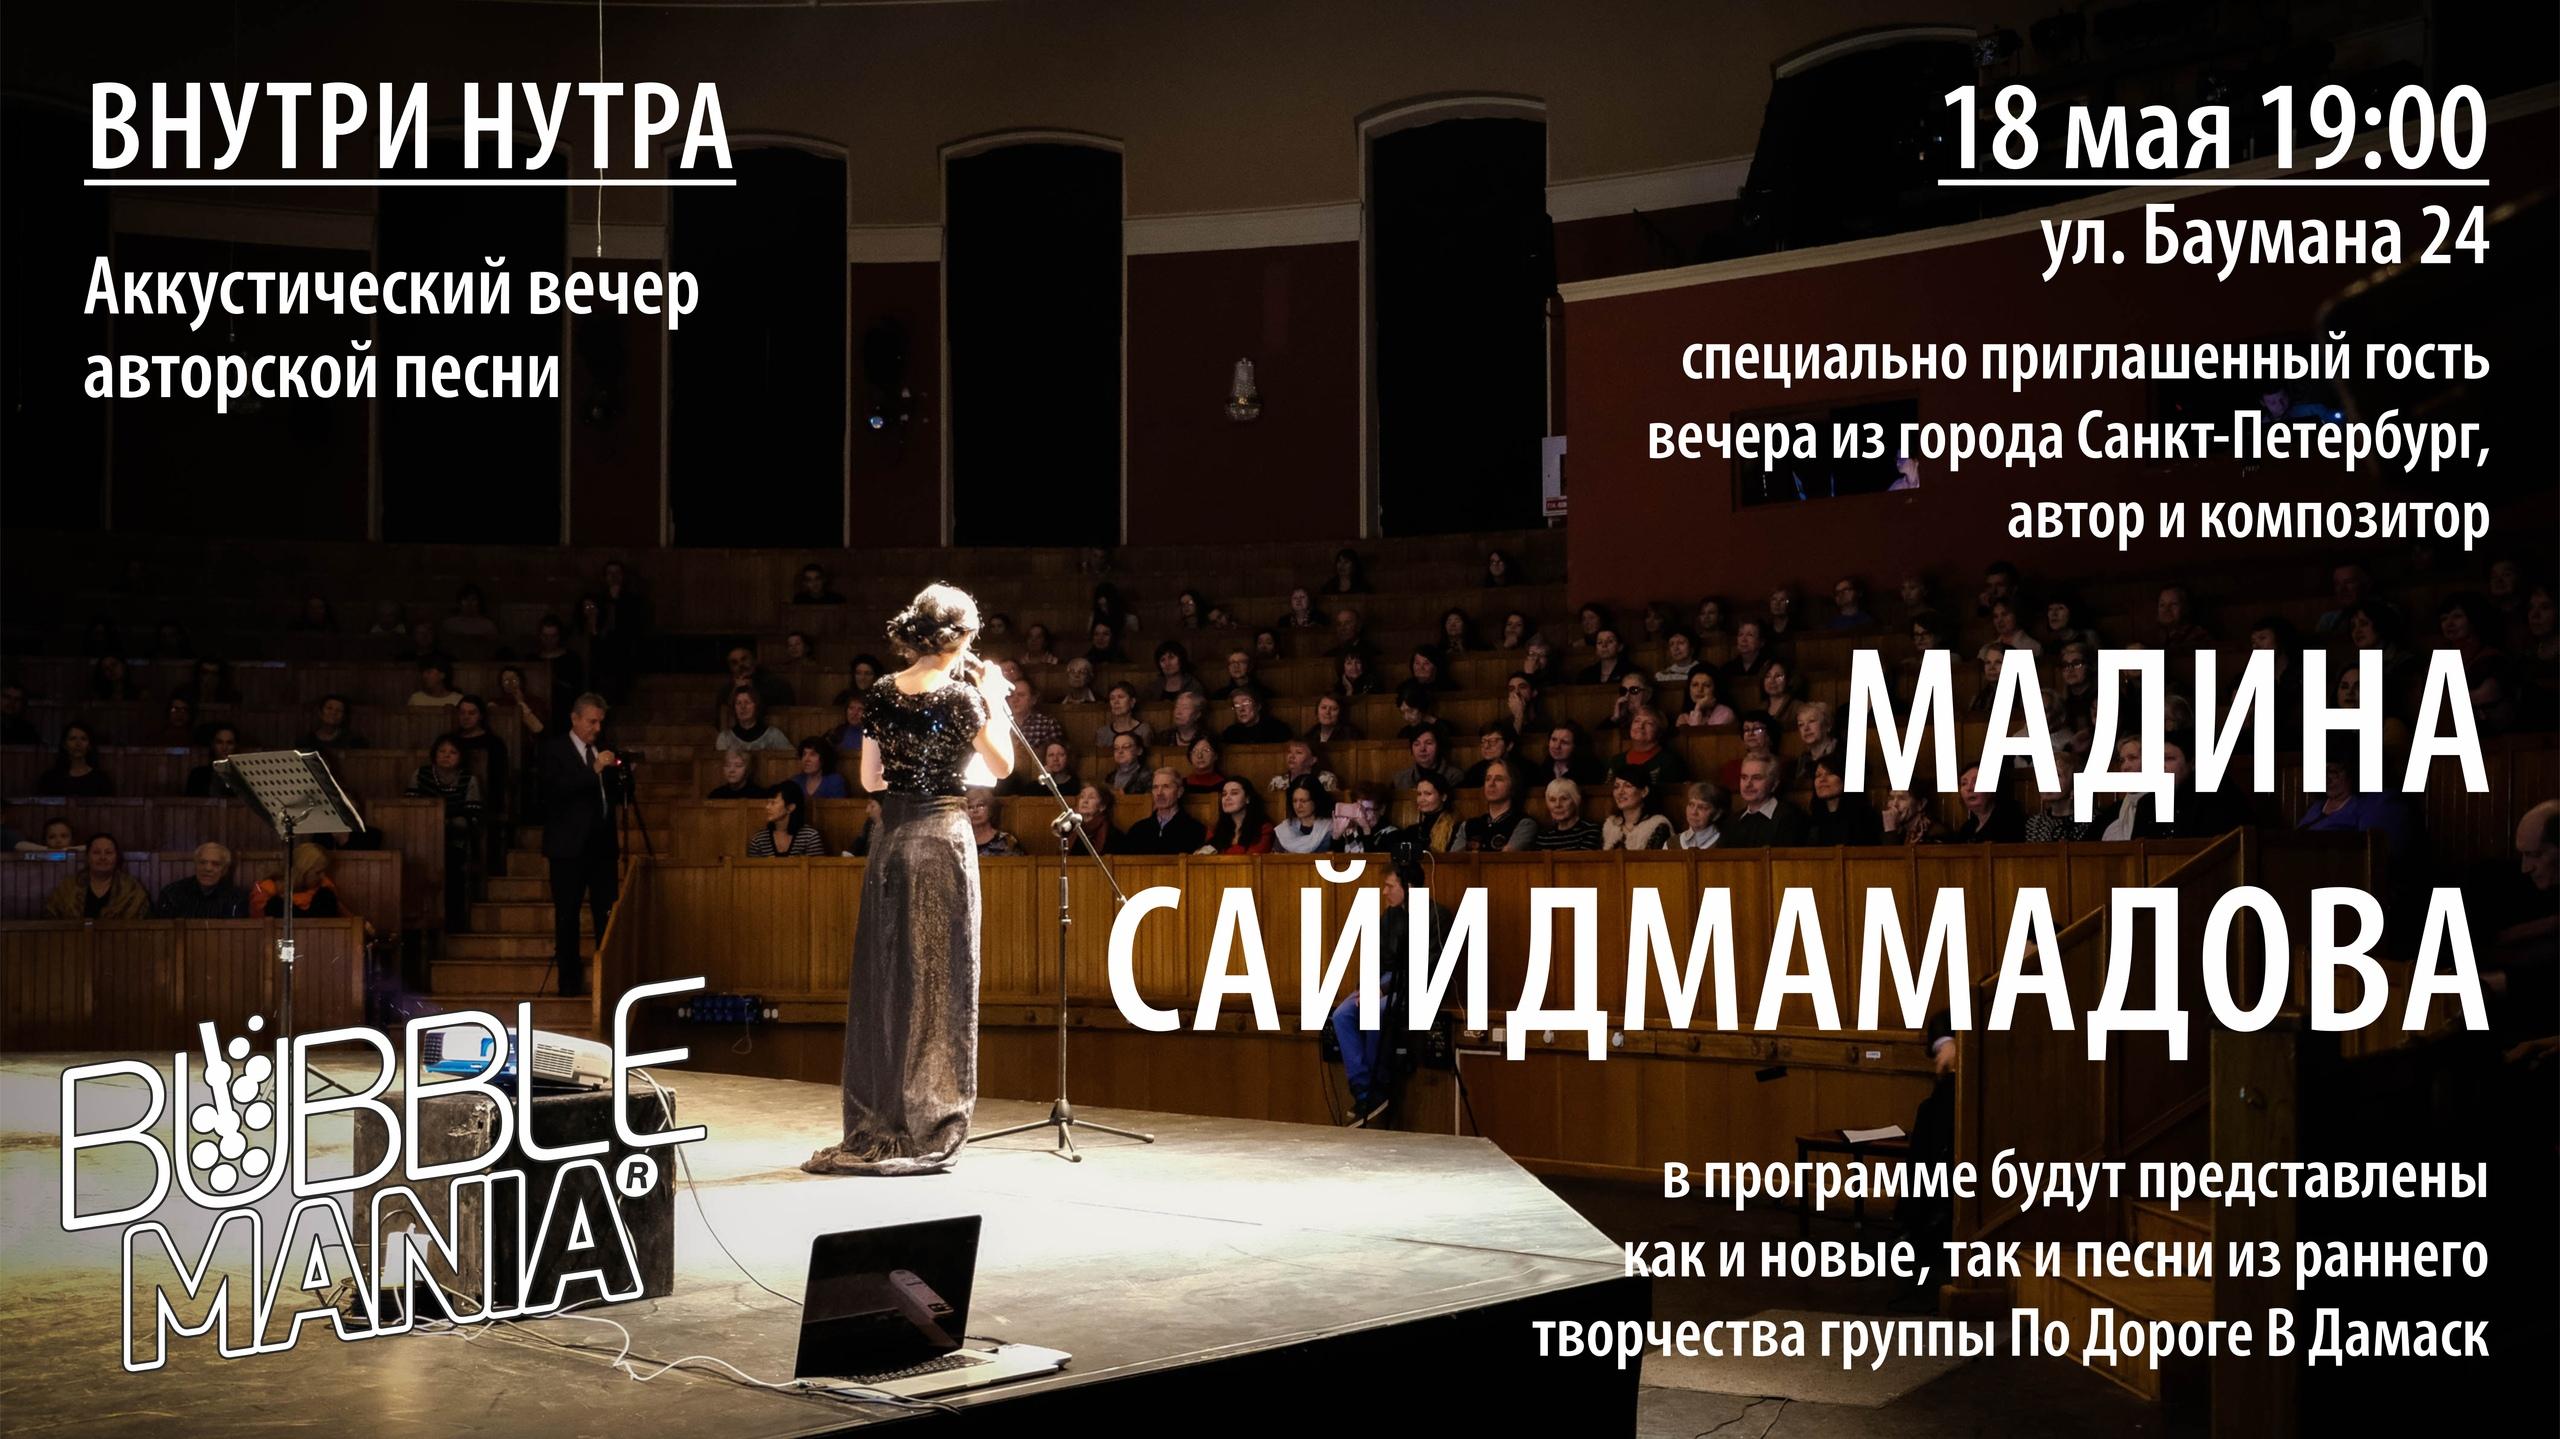 Кафе «Bubble Mania» - Вконтакте